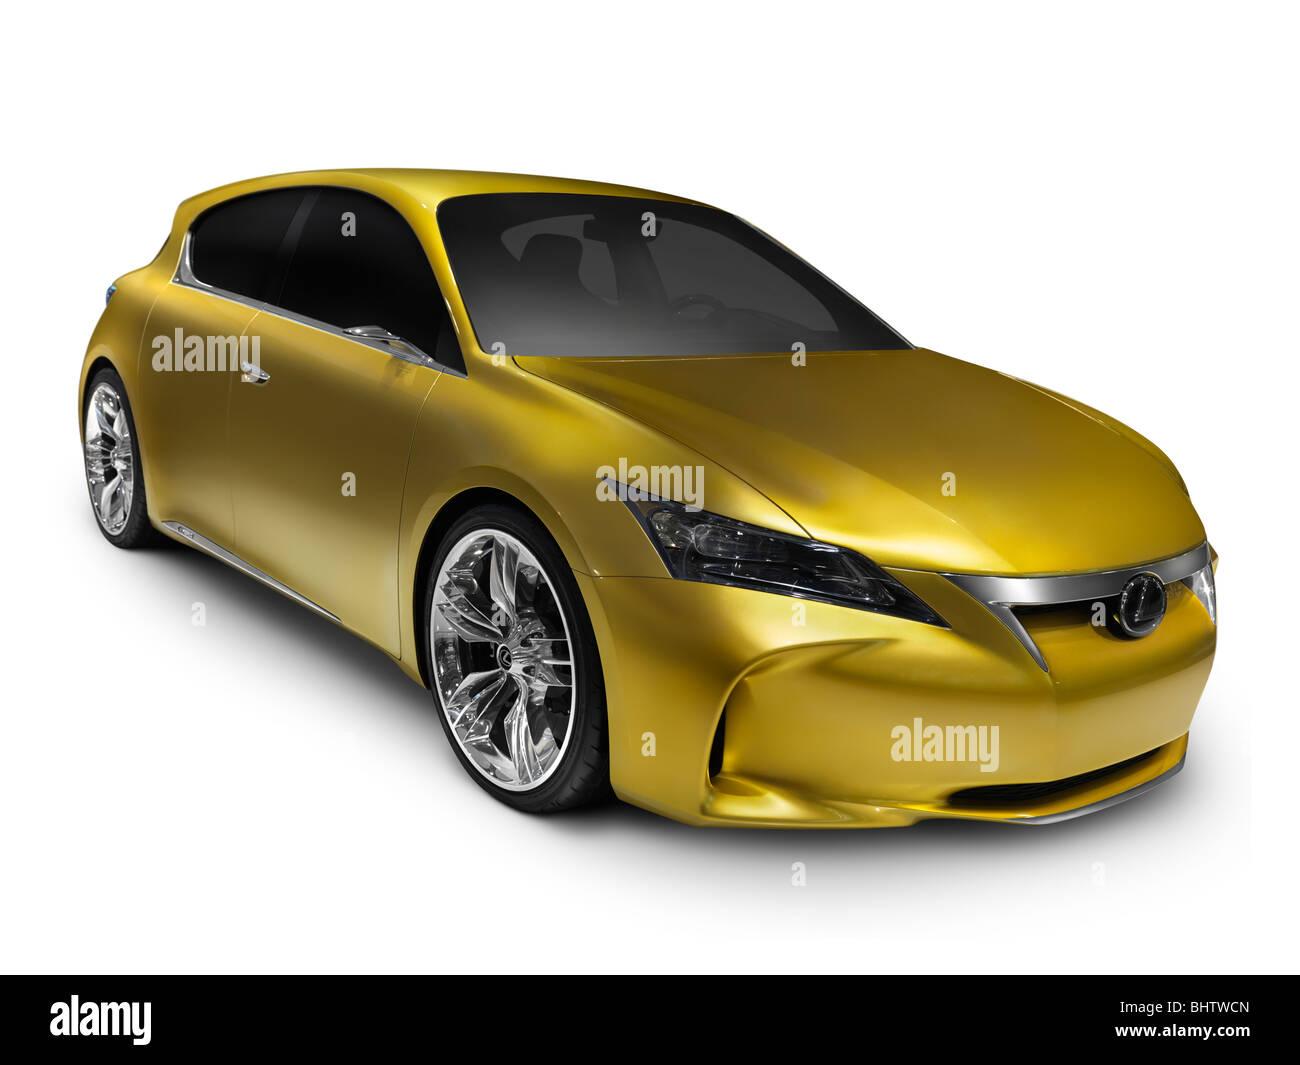 Oro brillante Lexus LF-Ch concept car híbrido. Aislado sobre fondo blanco con trazado de recorte. Imagen De Stock